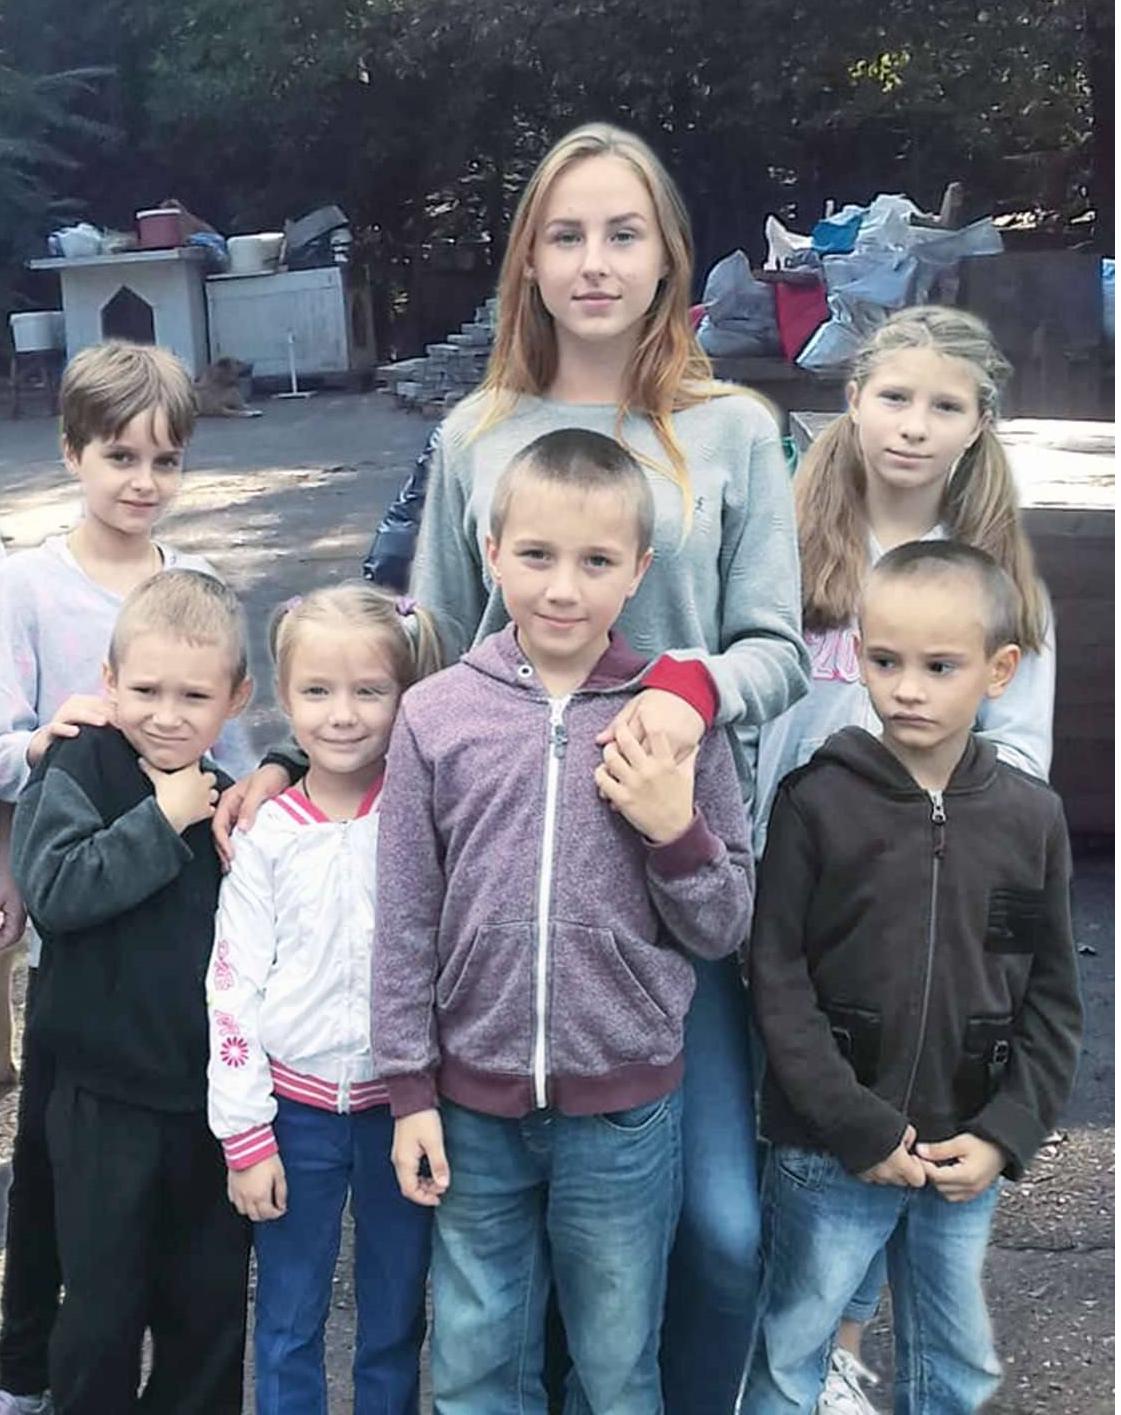 Вихованці православного дитячого будинку відвідали притулок для тварин / hramzp.ua